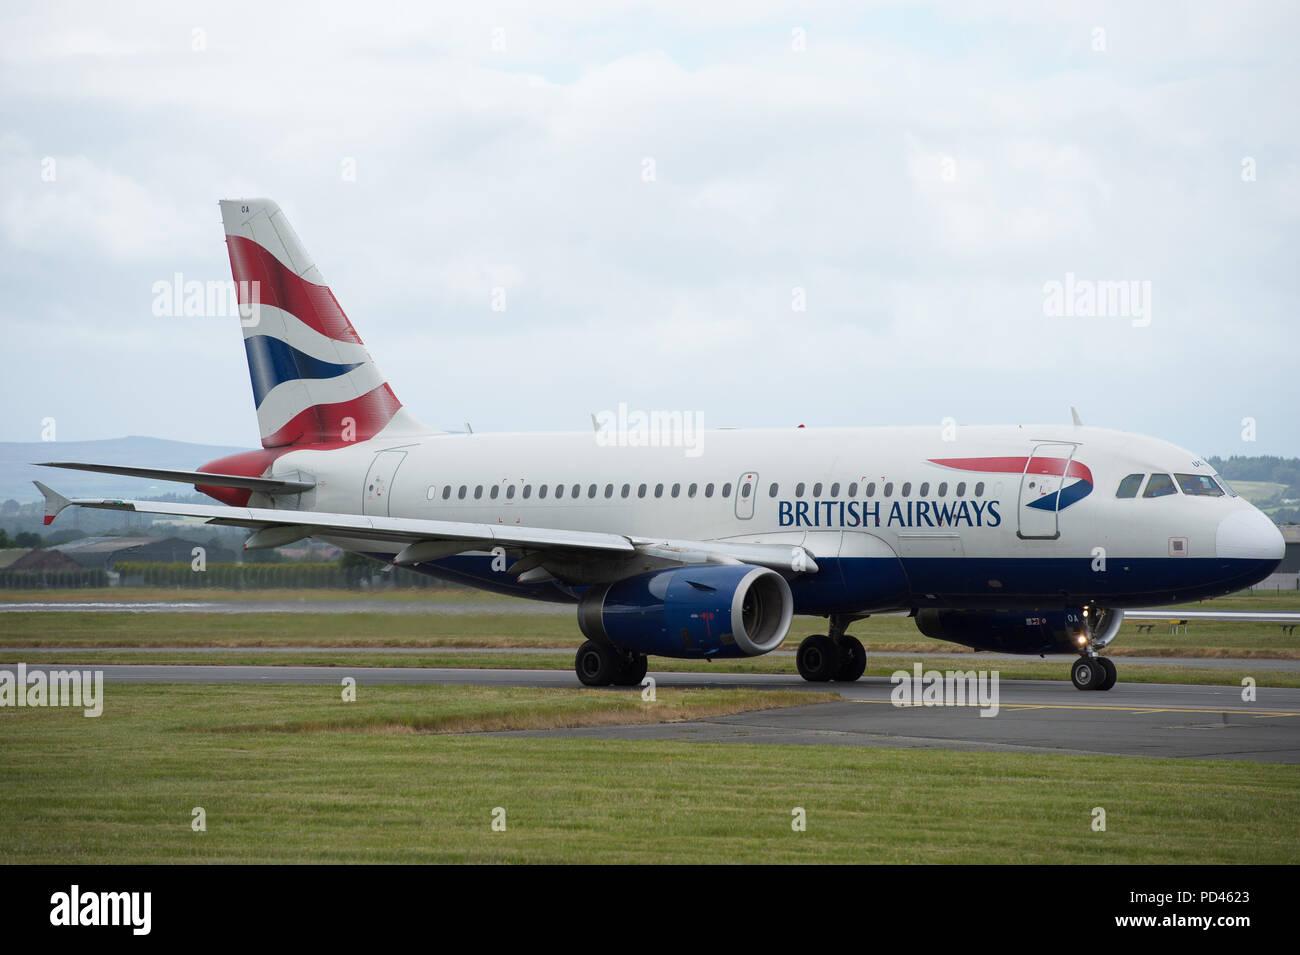 British Airways shuttle service to London Heathrow seen at Glasgow International Airport, Renfrewshire, Scotland. - Stock Image